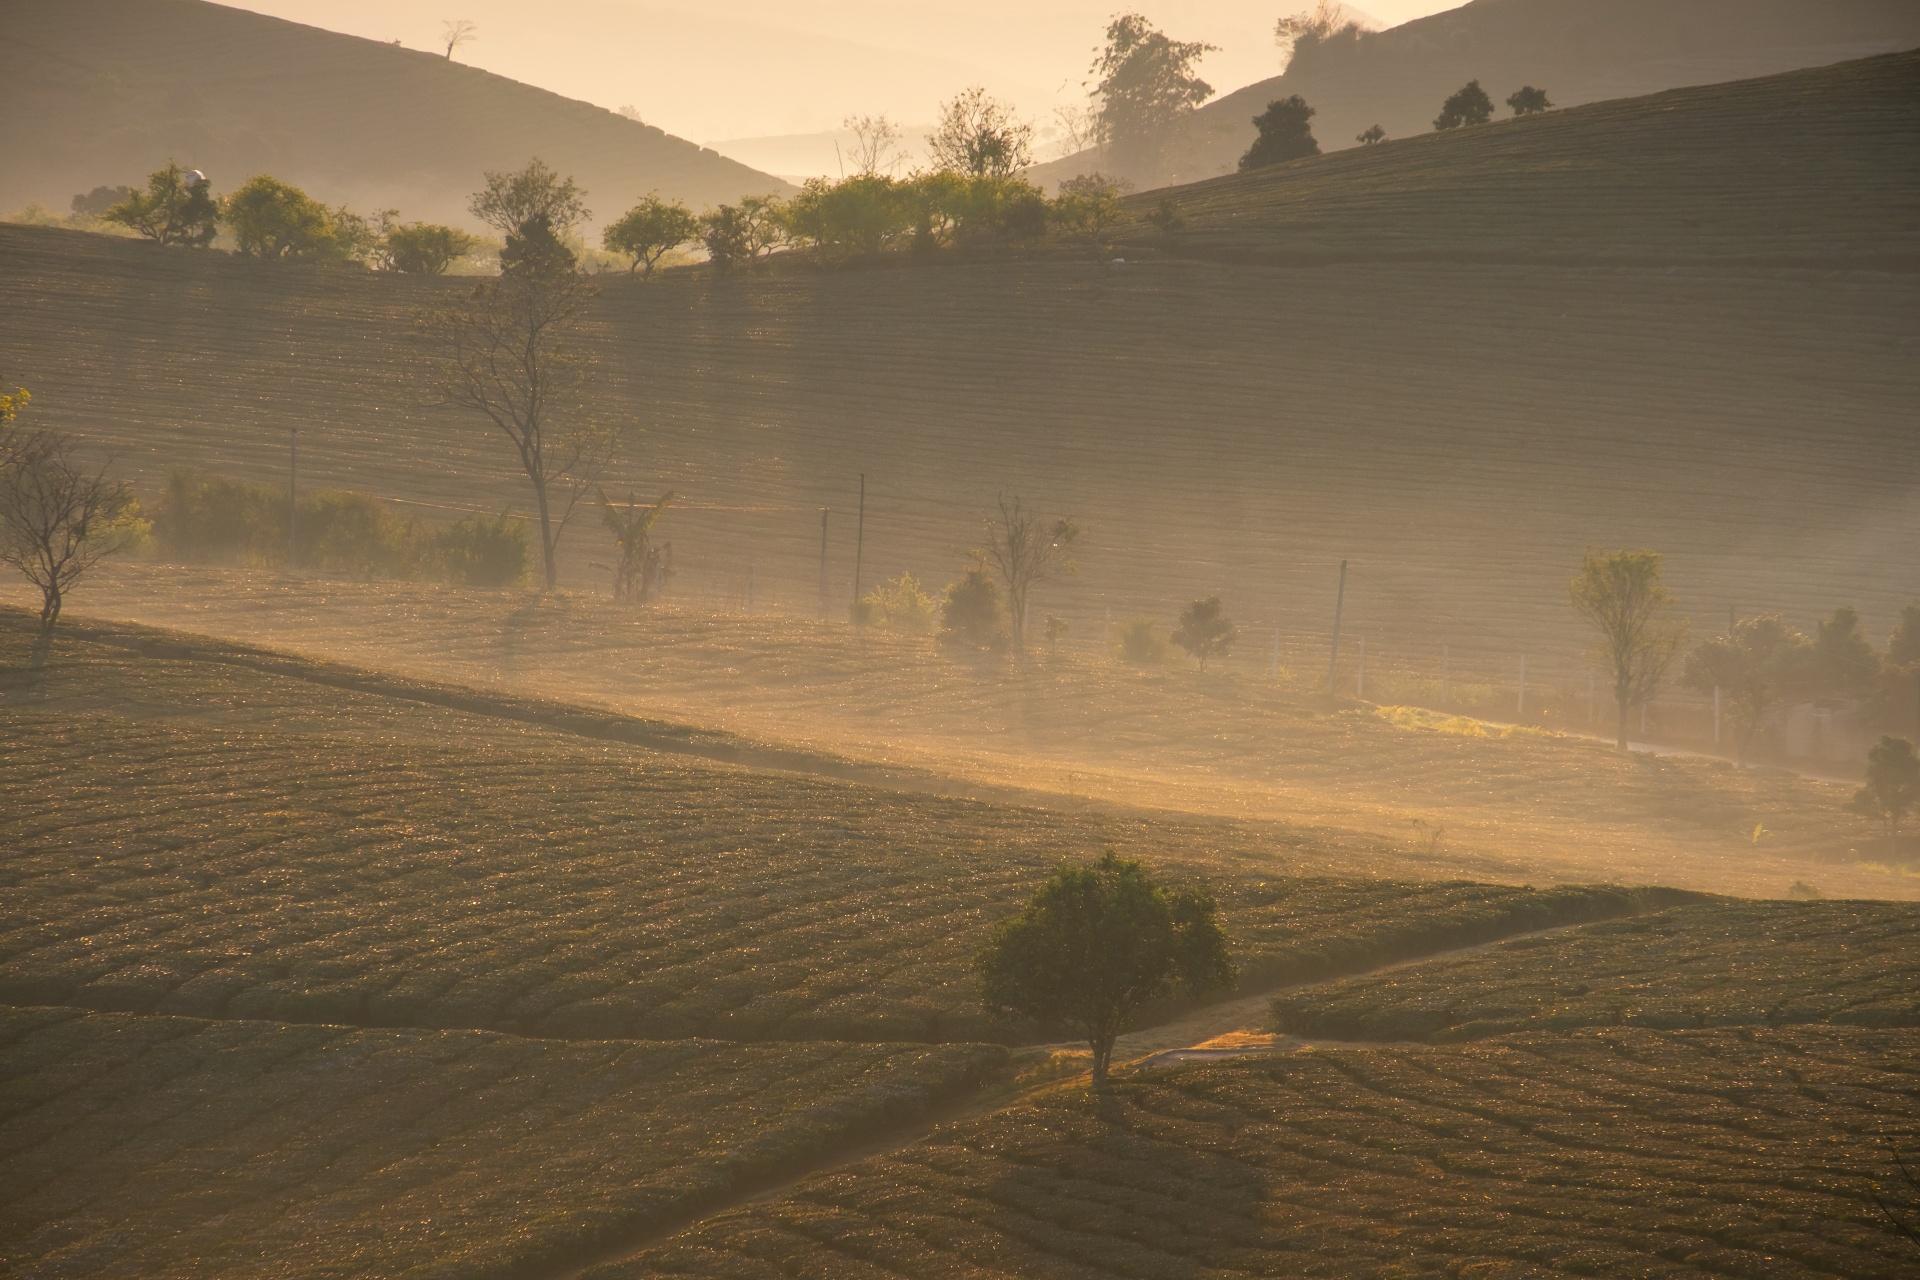 茶の木と夜明けの美しい光景 ベトナムの風景